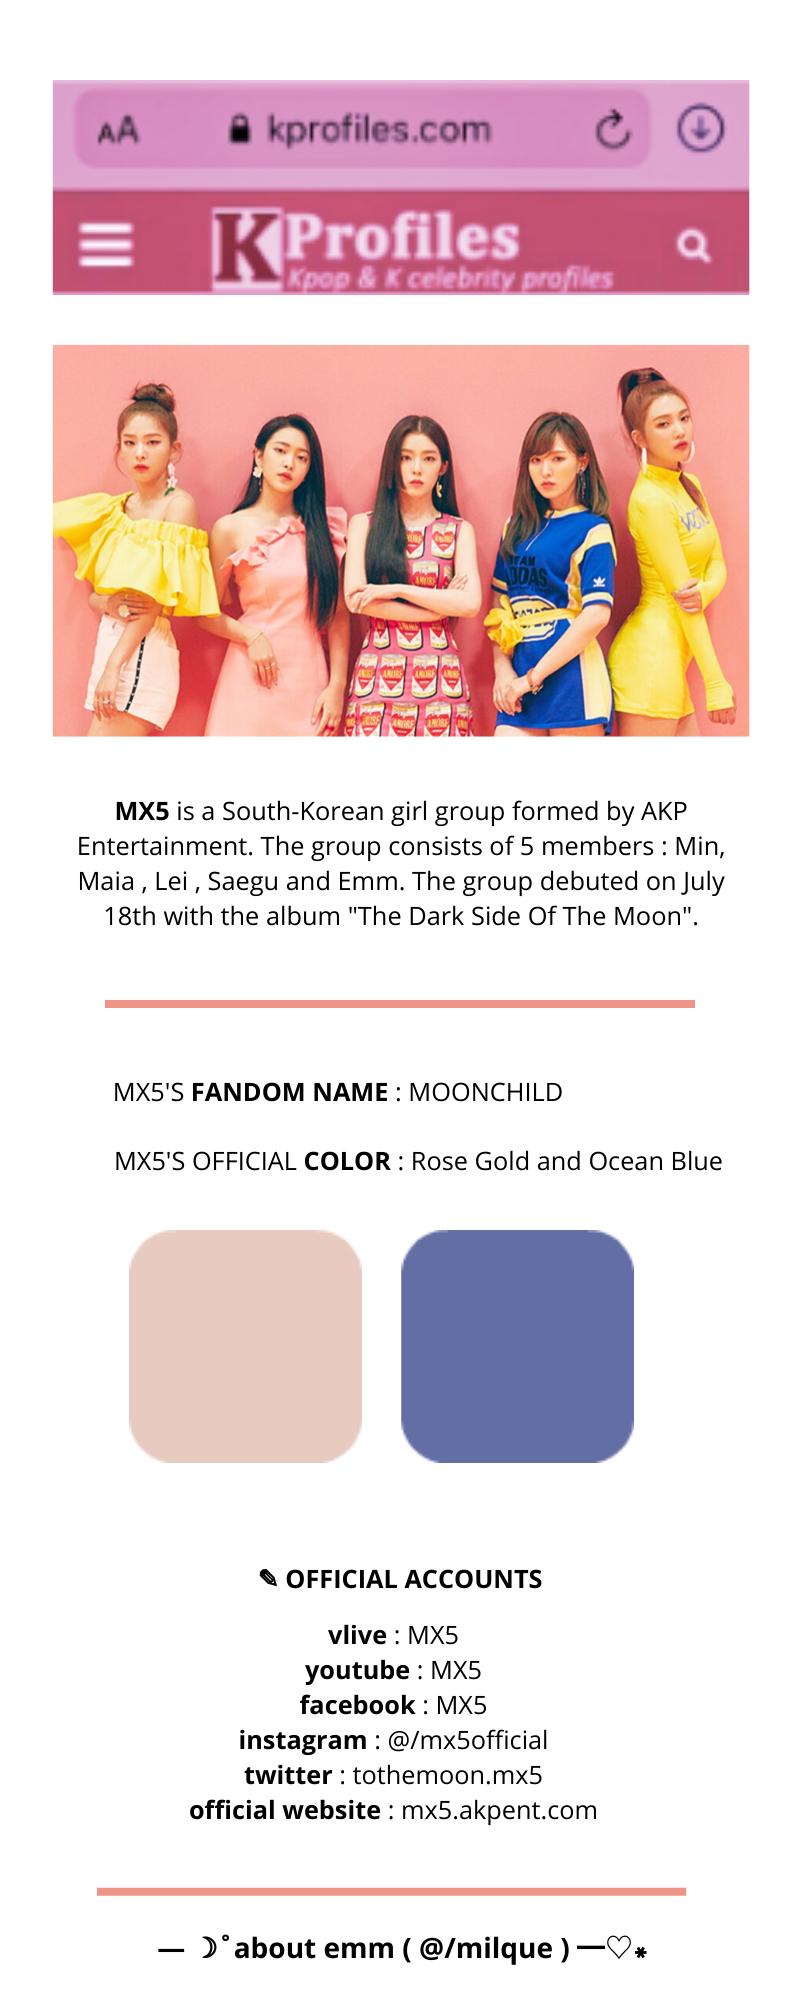 Ͼ Mx5 Debut Thread ϾŸ Allkpop Forums Seunghee, yujin, seungyeon, sorn e yeeun. allkpop